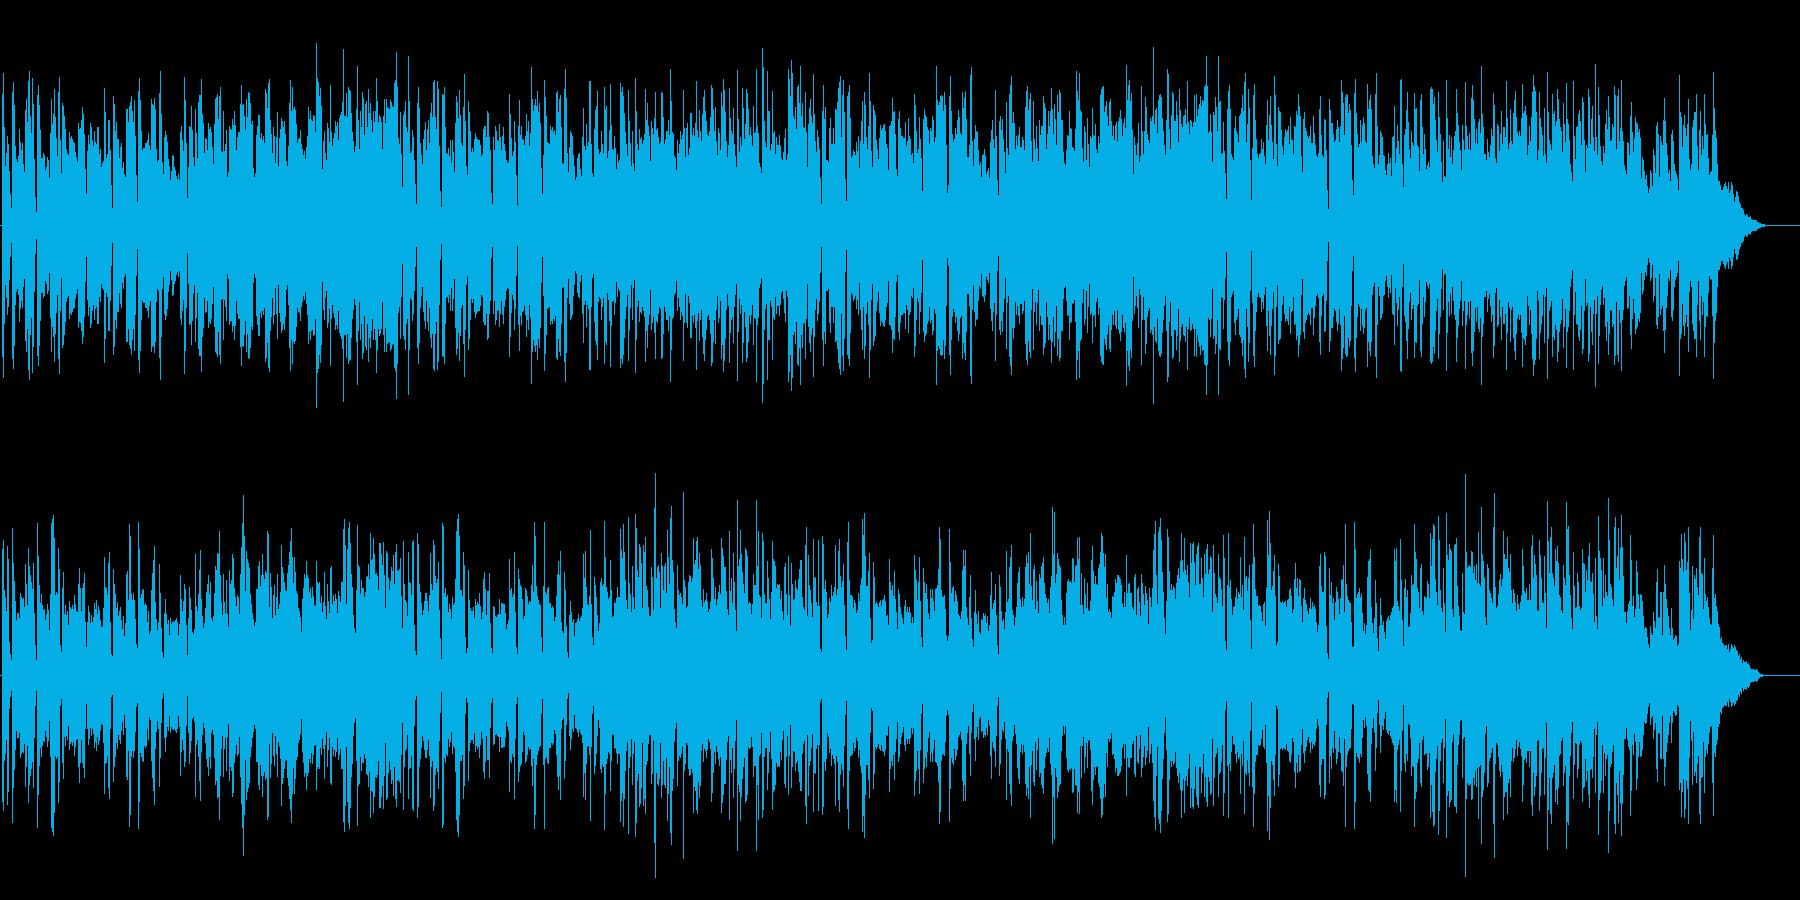 モデルルーム用BGM2の再生済みの波形